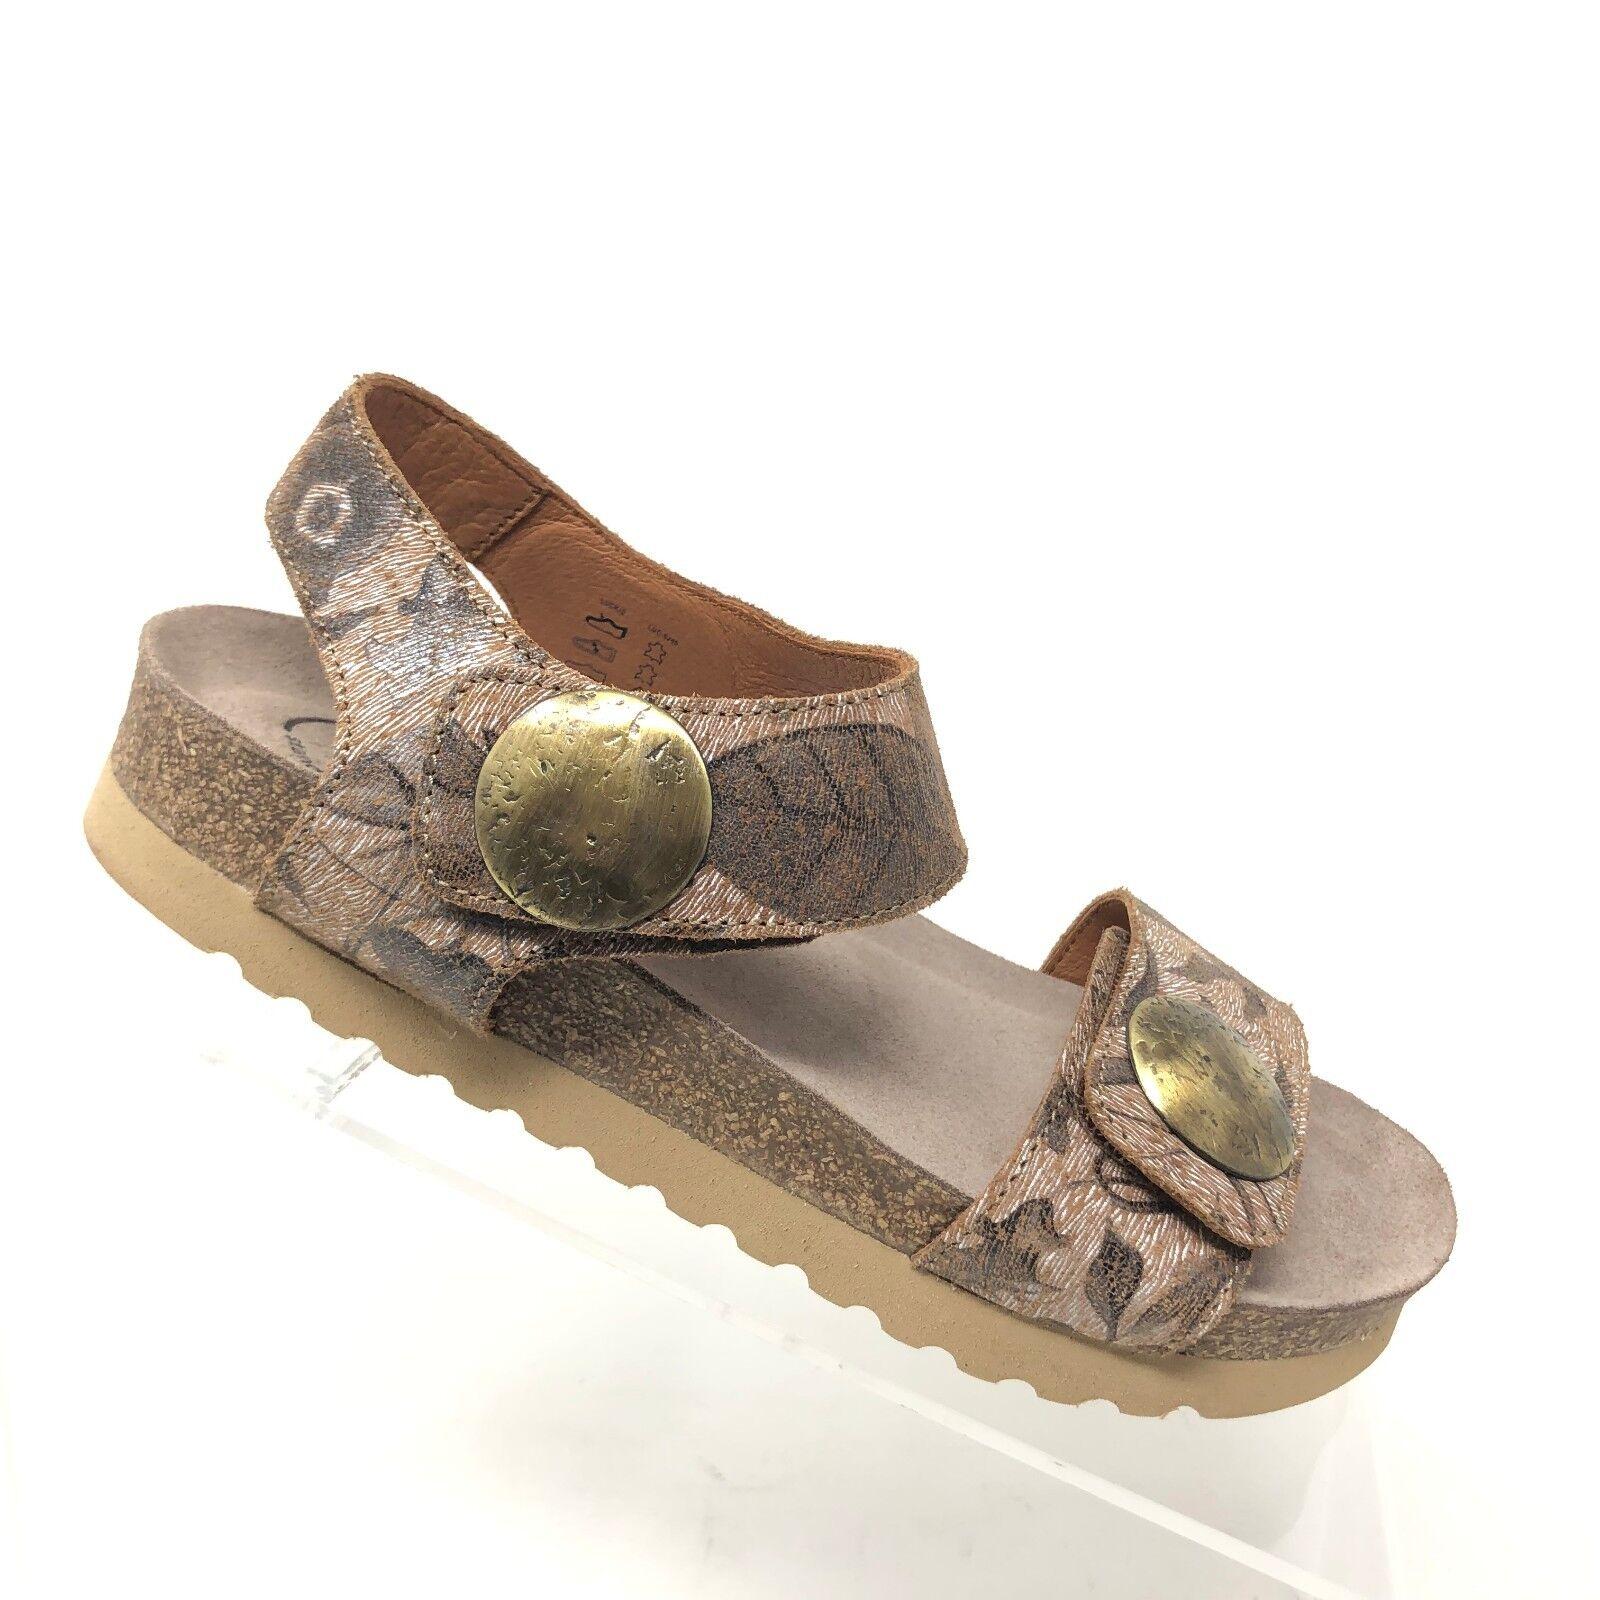 Taos Luckie Sandale En Cuir Marron Clair Floral la Semelle Intérieure Chaussure Femme Taille 36 5 - 5.5